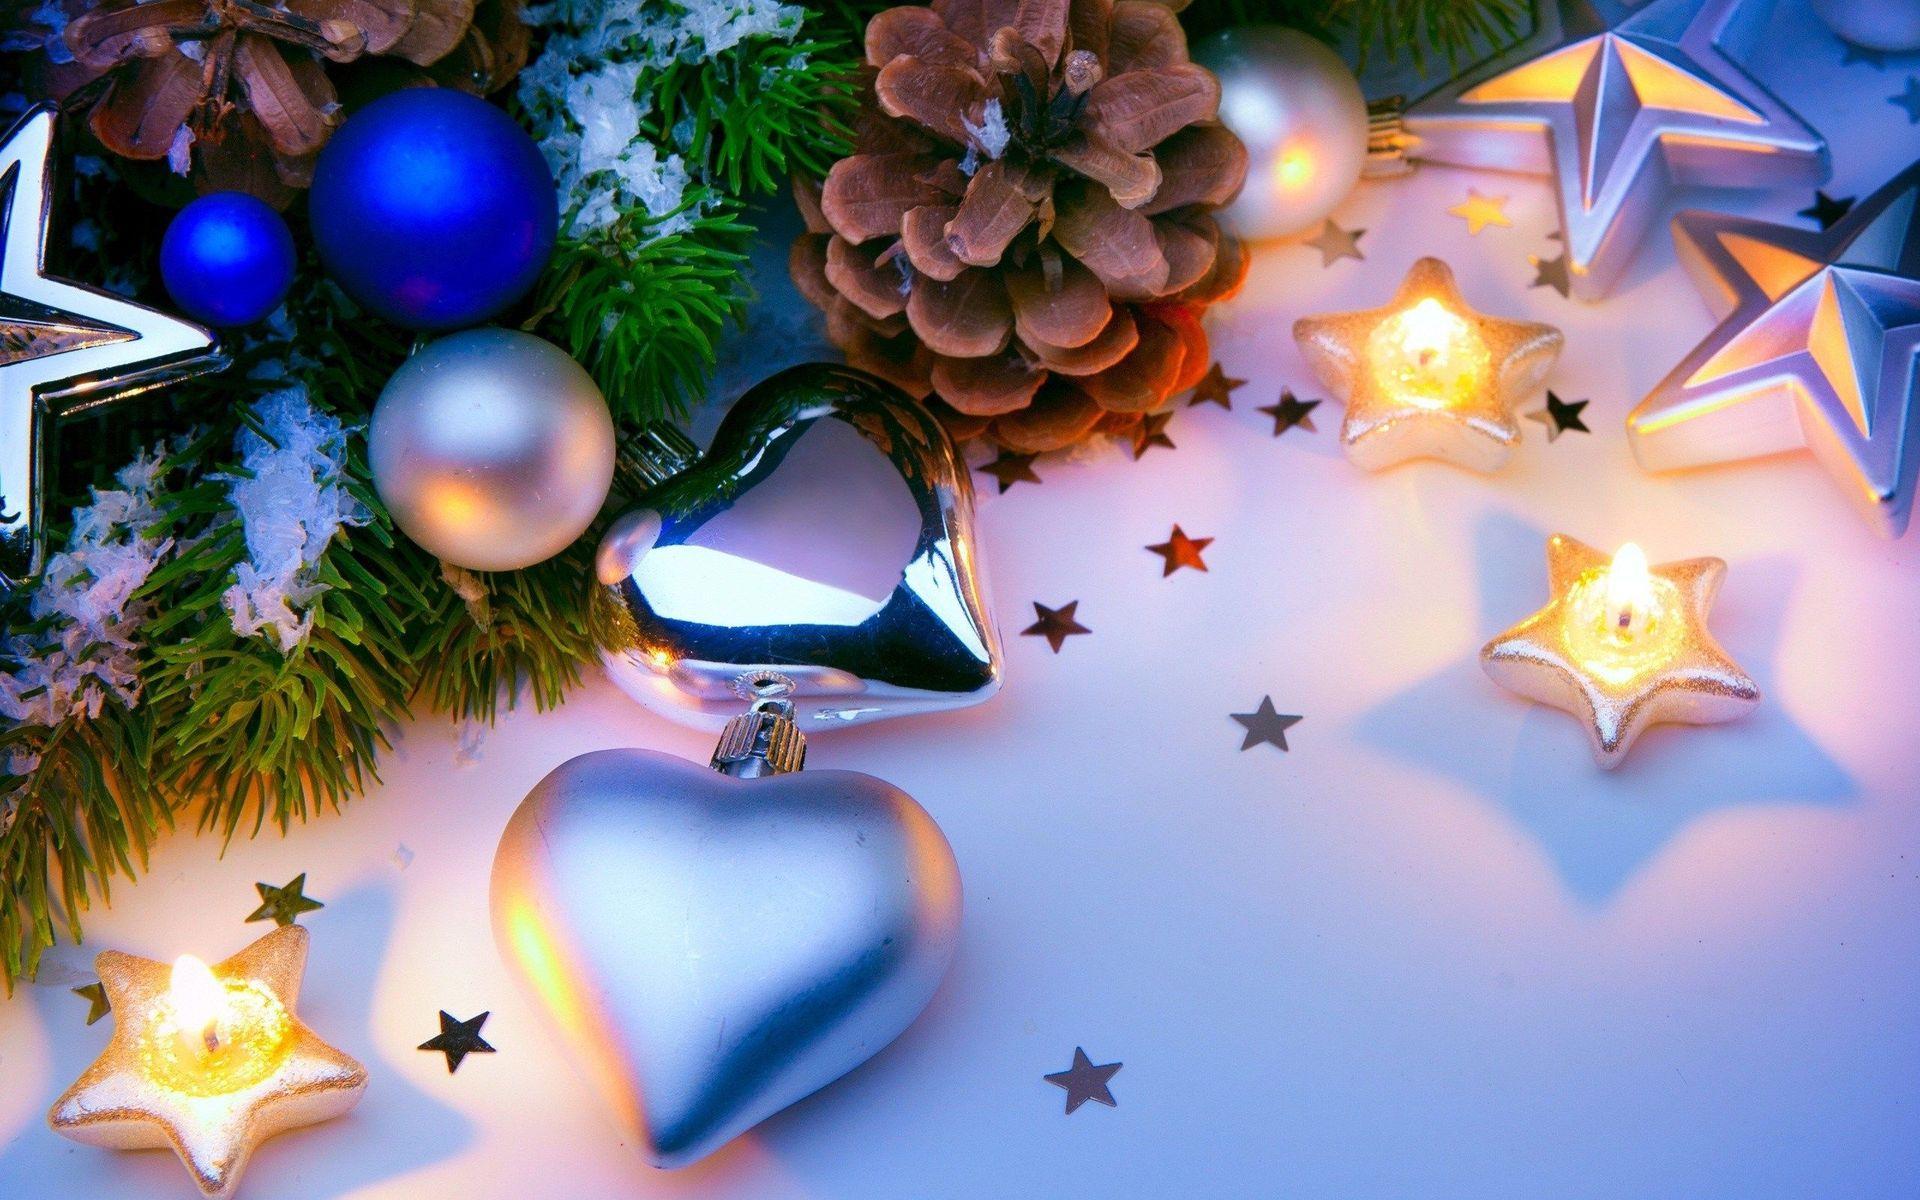 обои для стола с новогодней темой № 634965 бесплатно